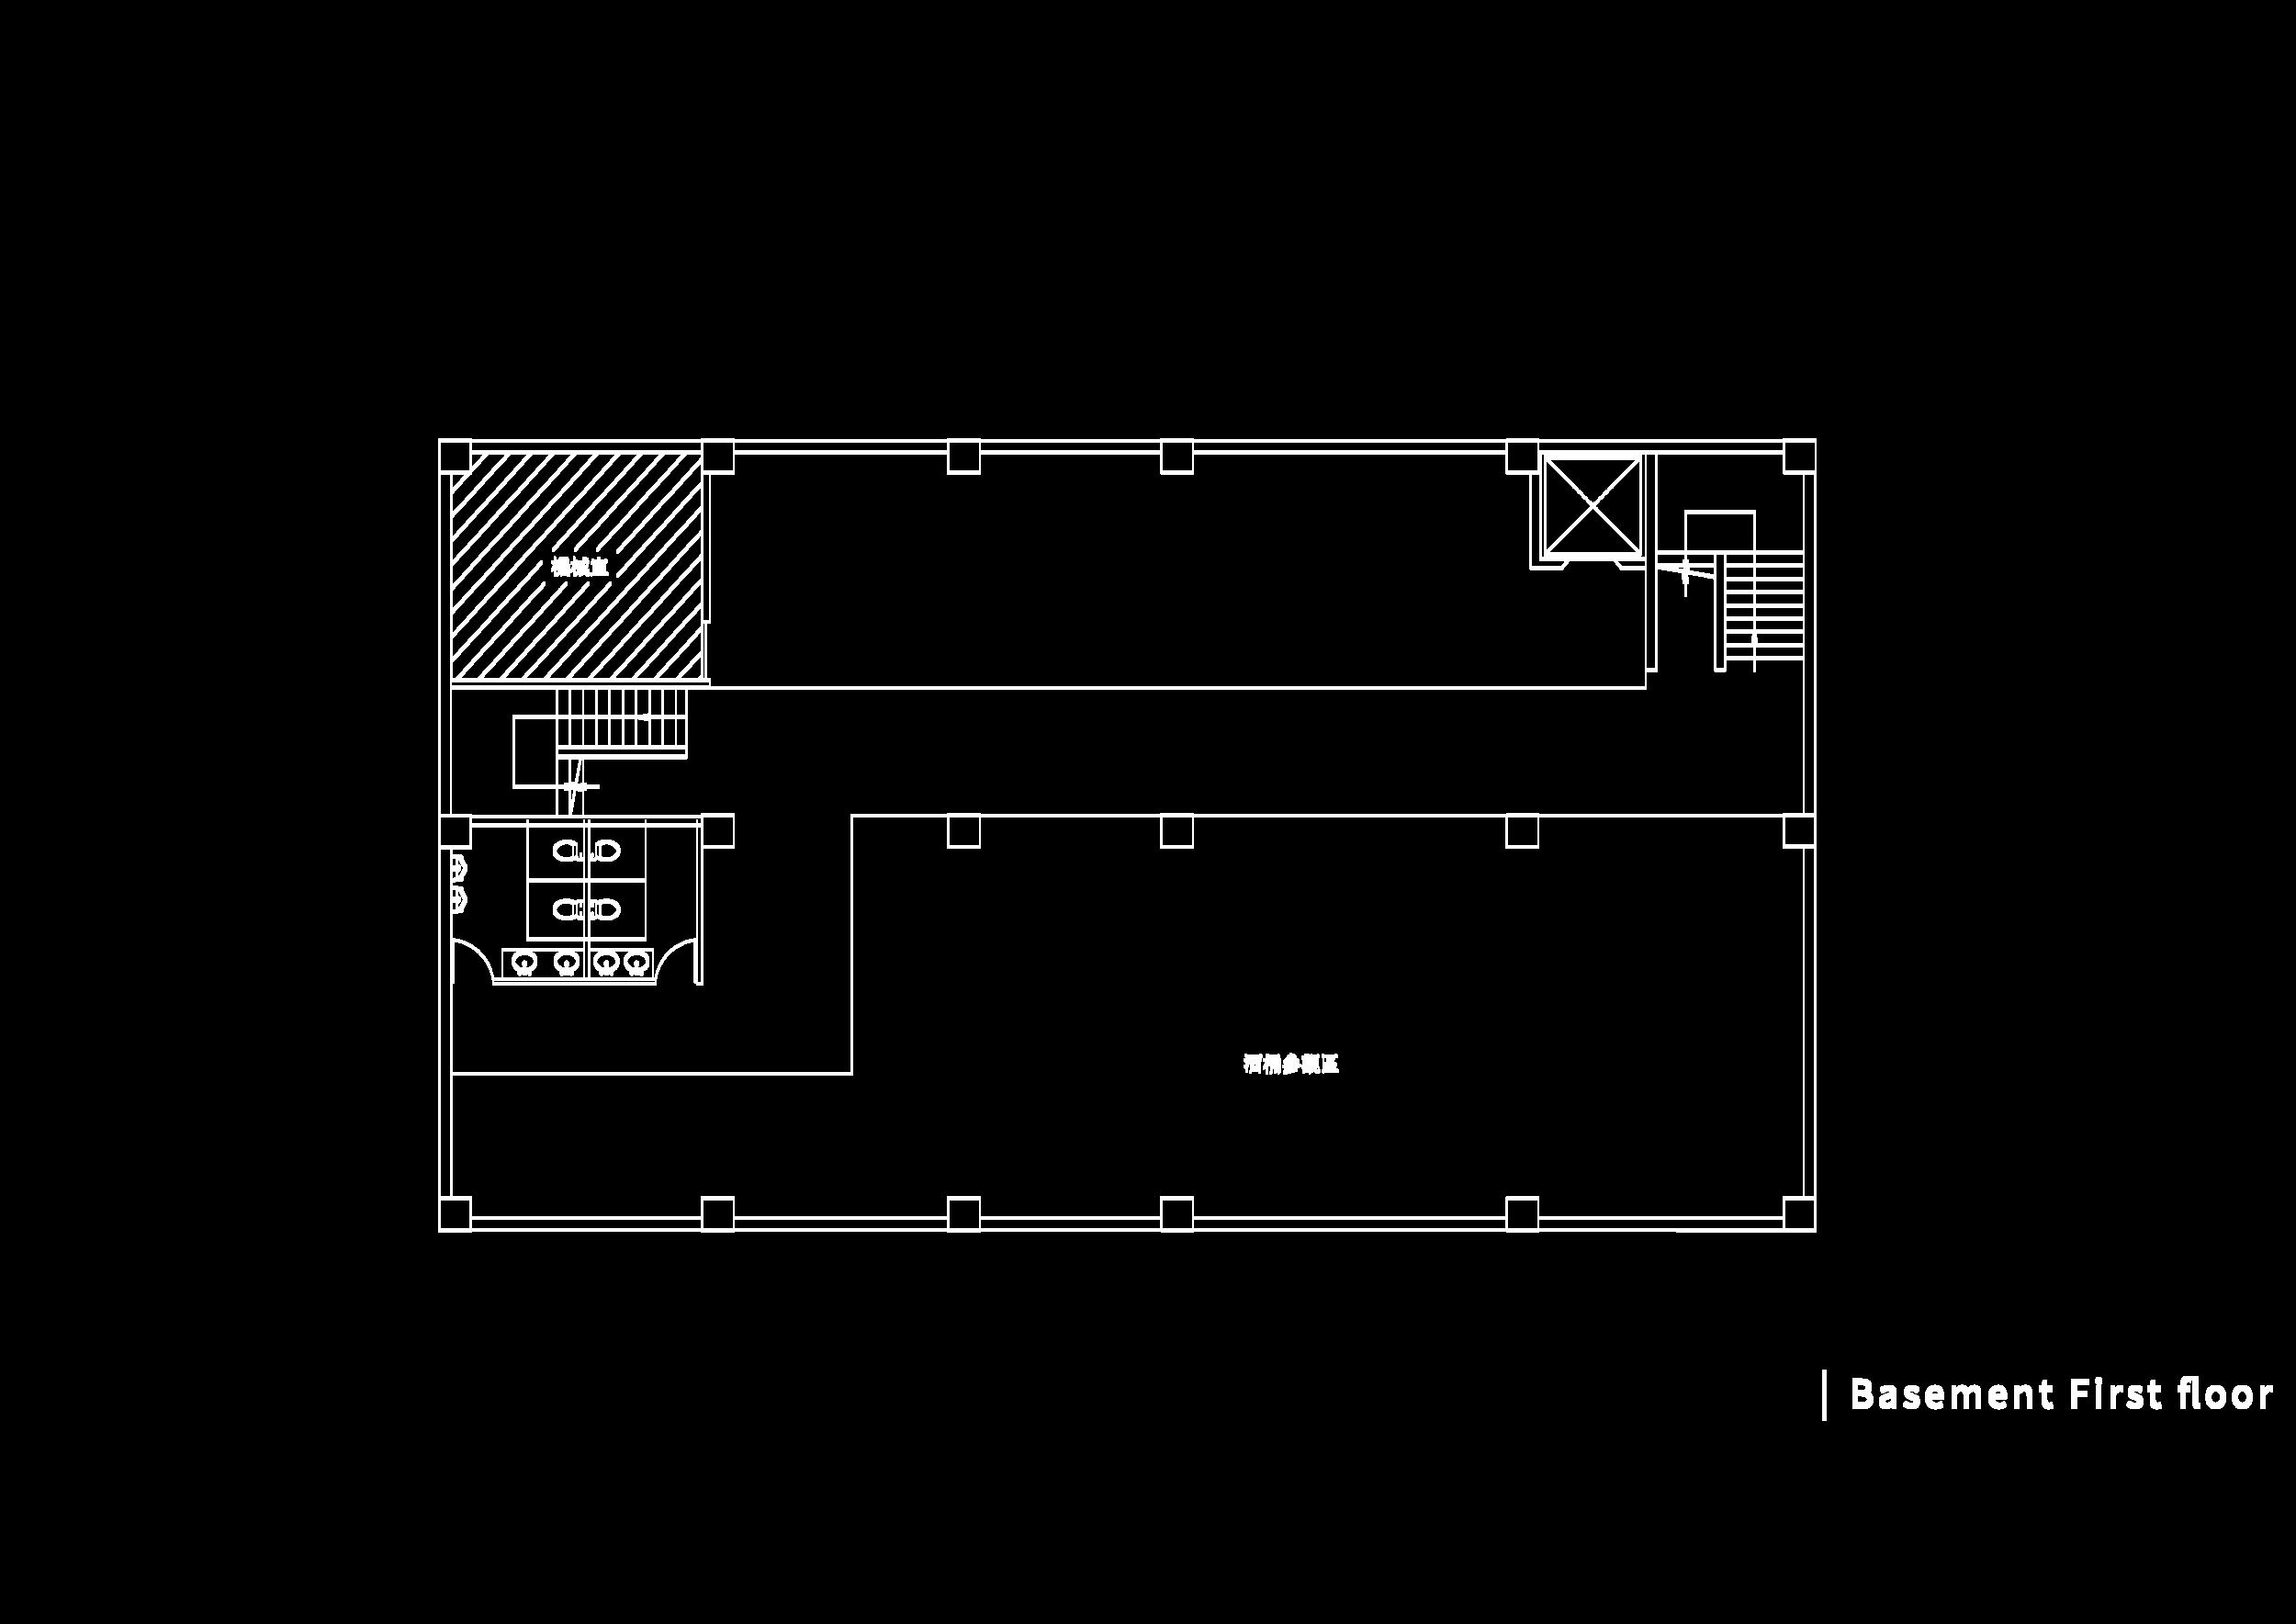 酒莊內佈置規劃圖-B1-01.png